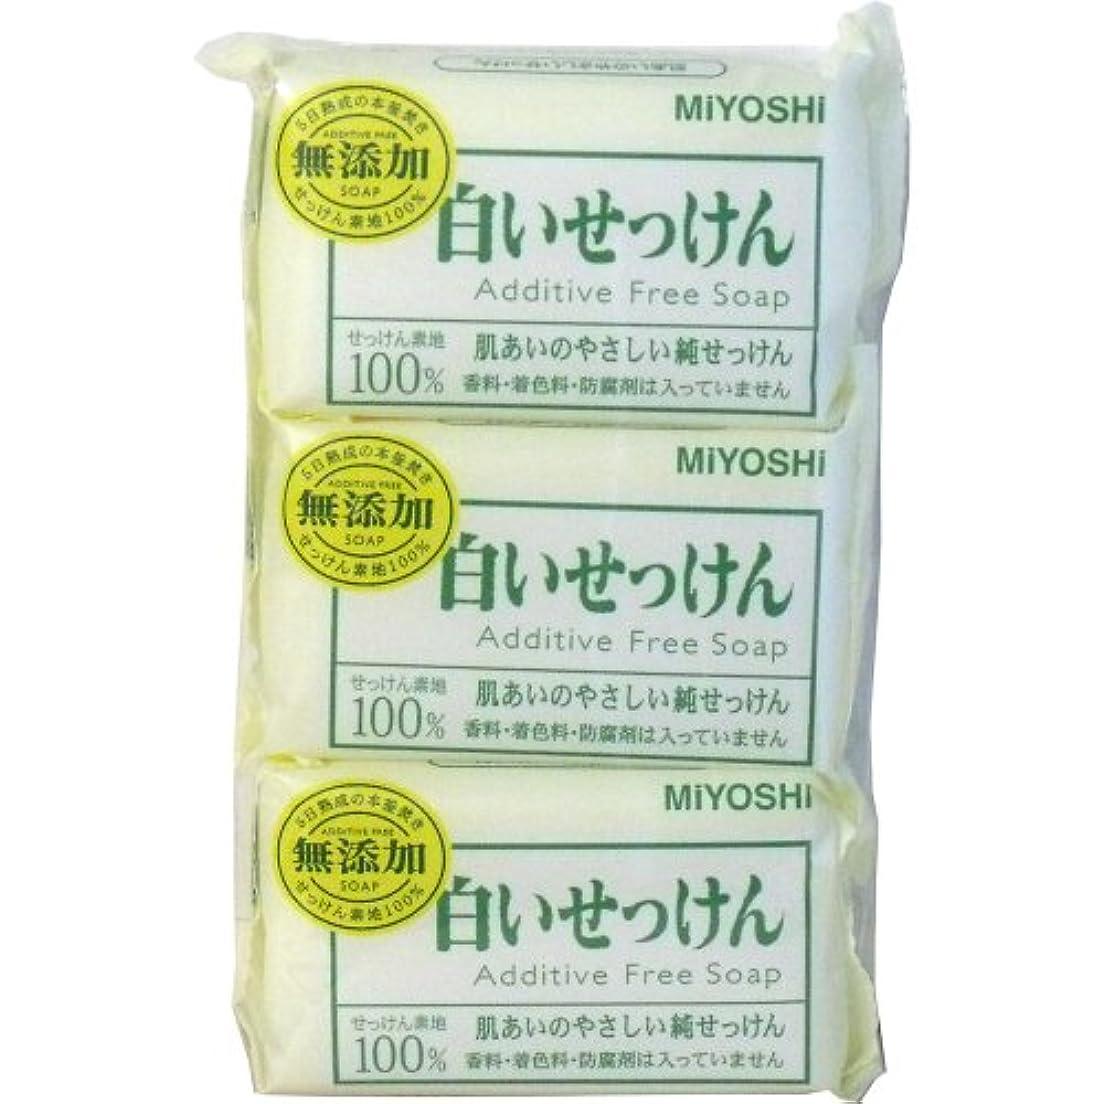 ルーキー爆風スピン【ミヨシ】ミヨシ 無添加 白いせっけん 108g×3個入 ×10個セット